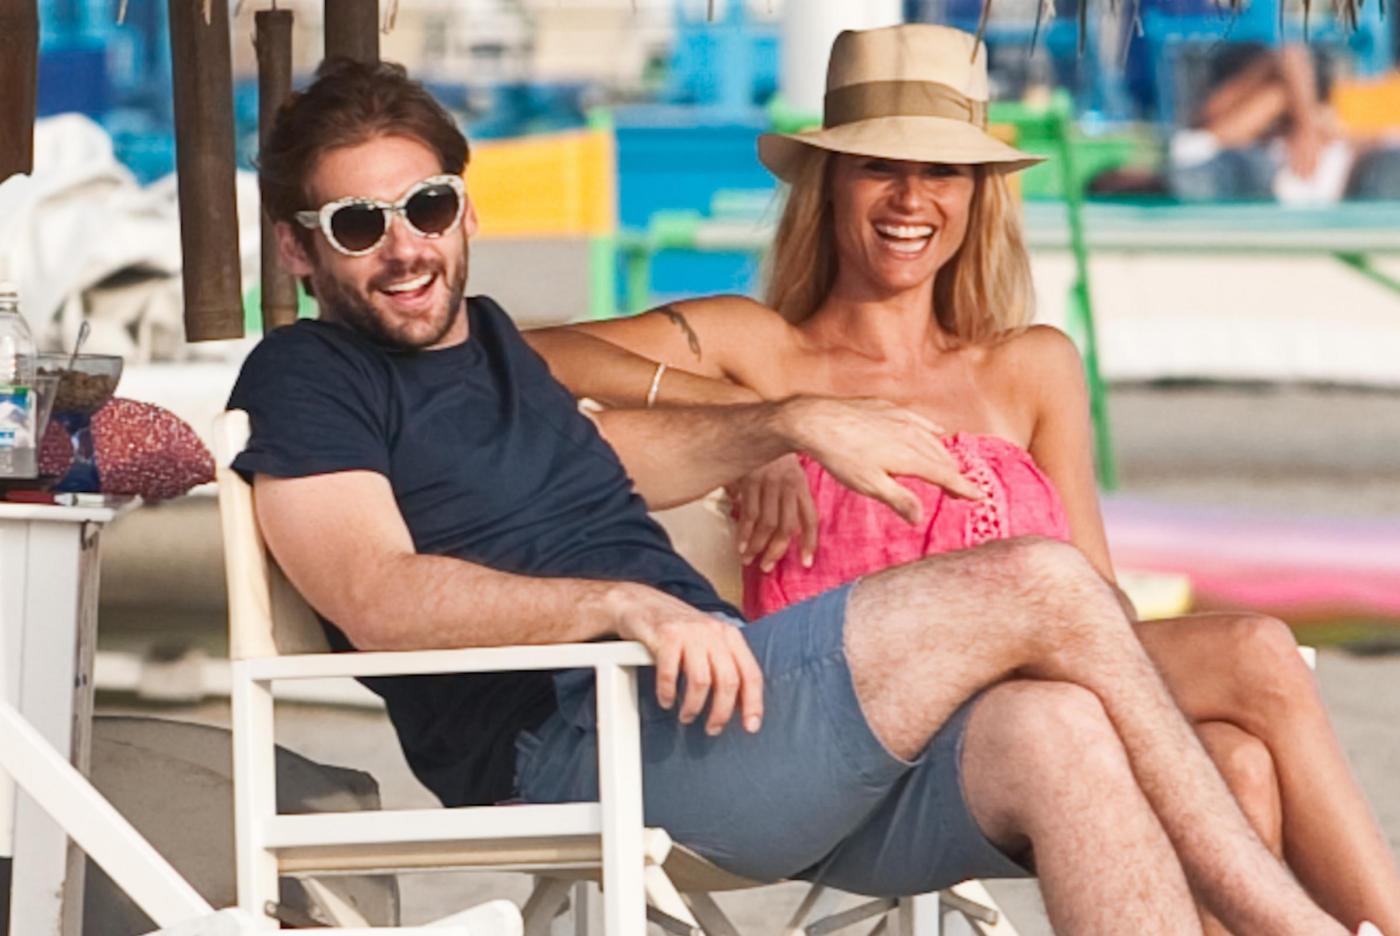 Michelle Hunziker e Tomaso Trussardi si rilassano in spiaggia (foto)